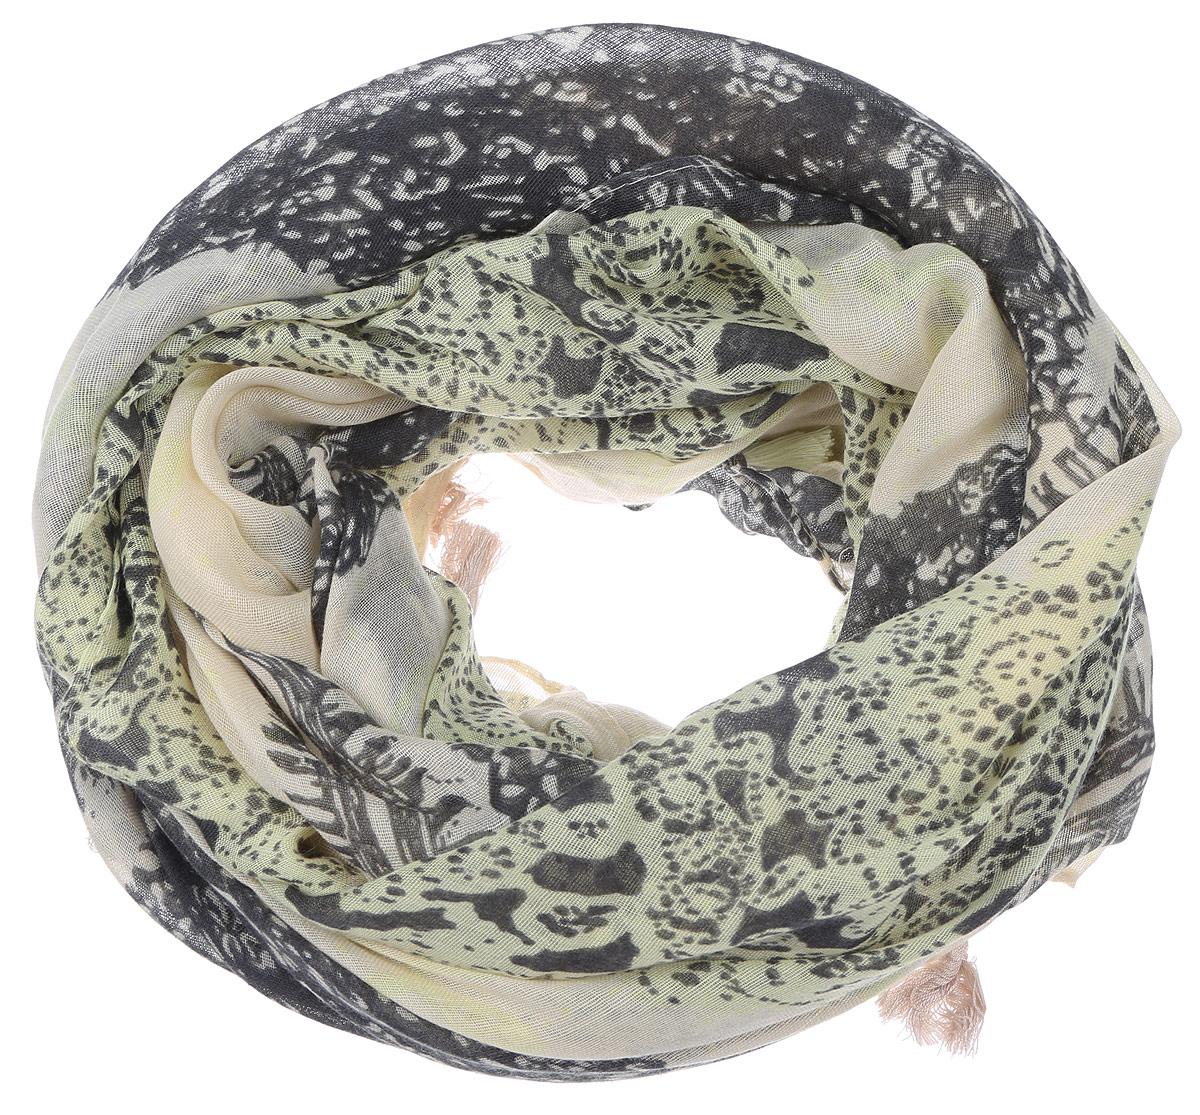 Палантин Sophie Ramage, цвет: желтый, темно-серый. YY-21667-38. Размер 100 см х 180 смYY-21667-38Элегантный палантин Sophie Ramage изготовлен из высококачественного модала с добавлением шелка. Оформлена модель стильным принтом с узорами и дополнена по краям бахромой в виде пушистых кисточек. Палантин красиво драпируется, он превосходно дополнит любой наряд и подчеркнет ваш изысканный вкус.